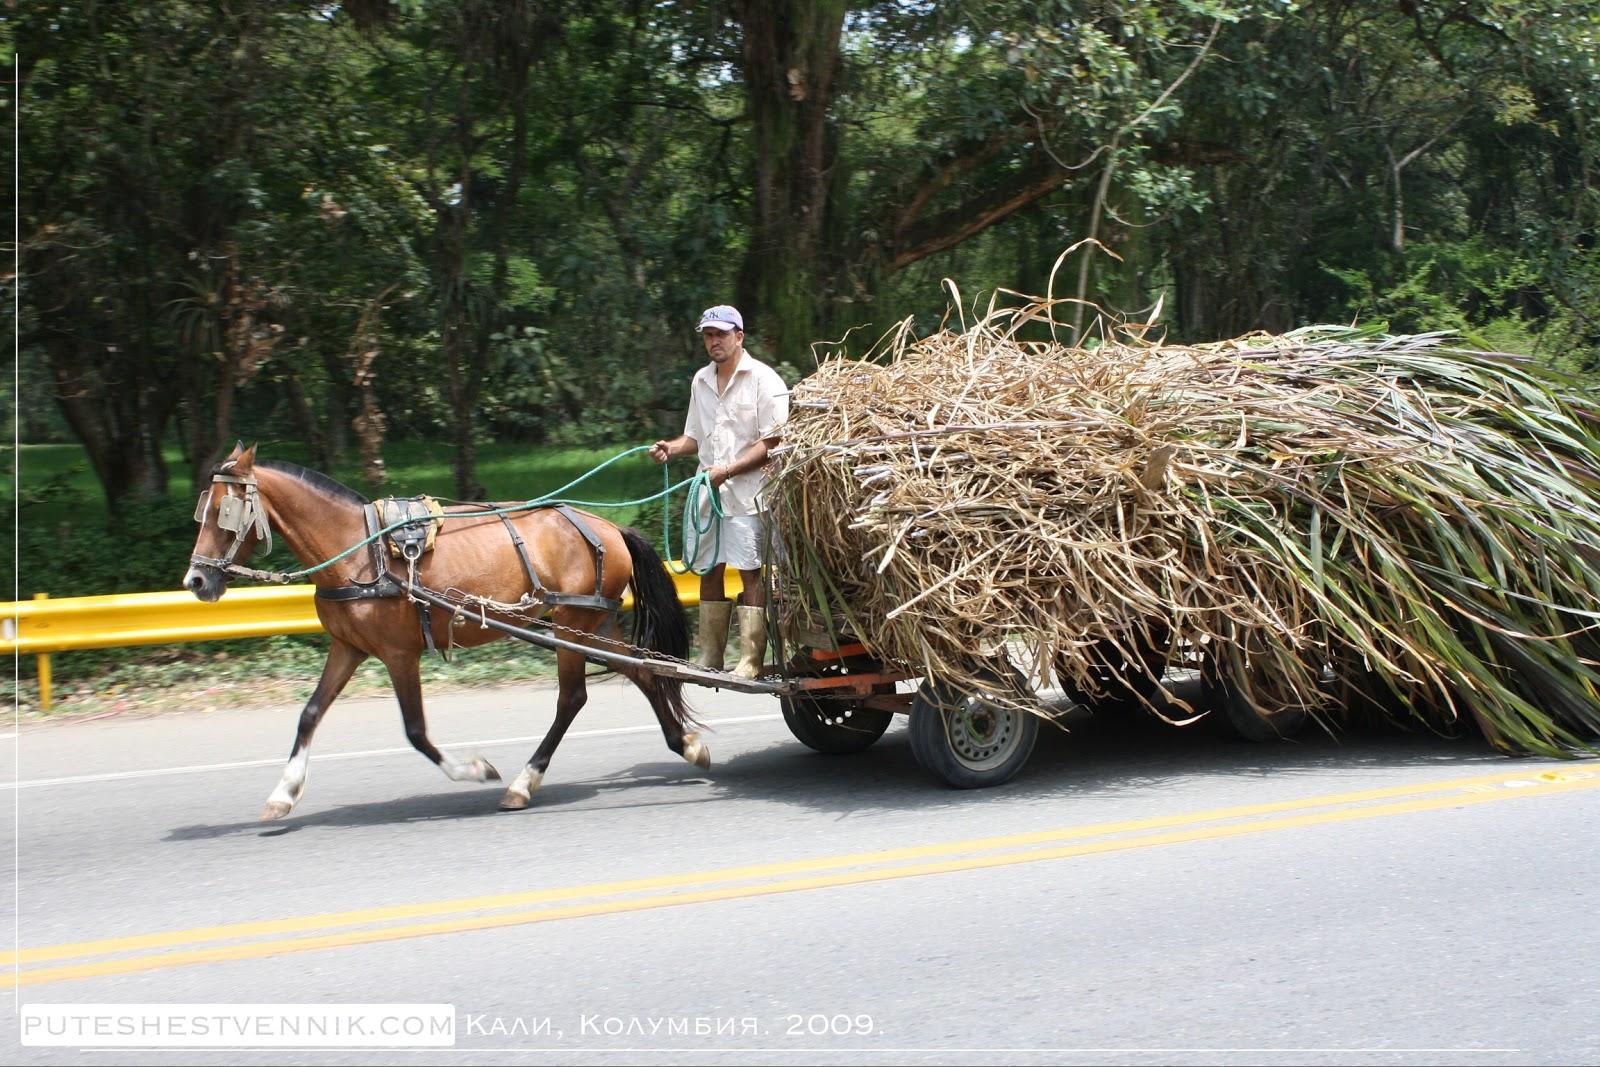 Колумбиец и лошадиная повозка с тростником